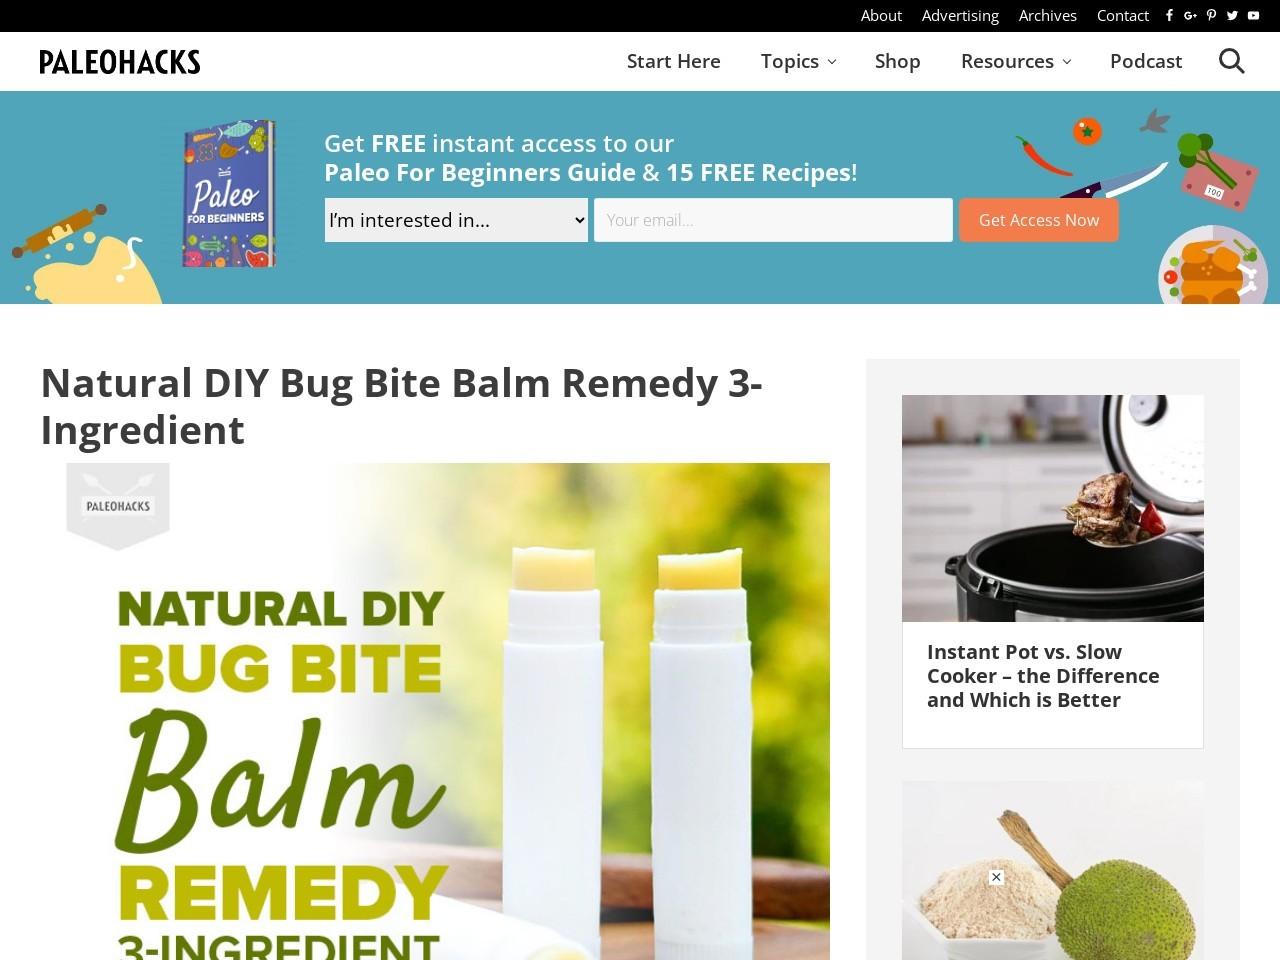 Natural DIY Bug Bite Balm Remedy 3-Ingredient